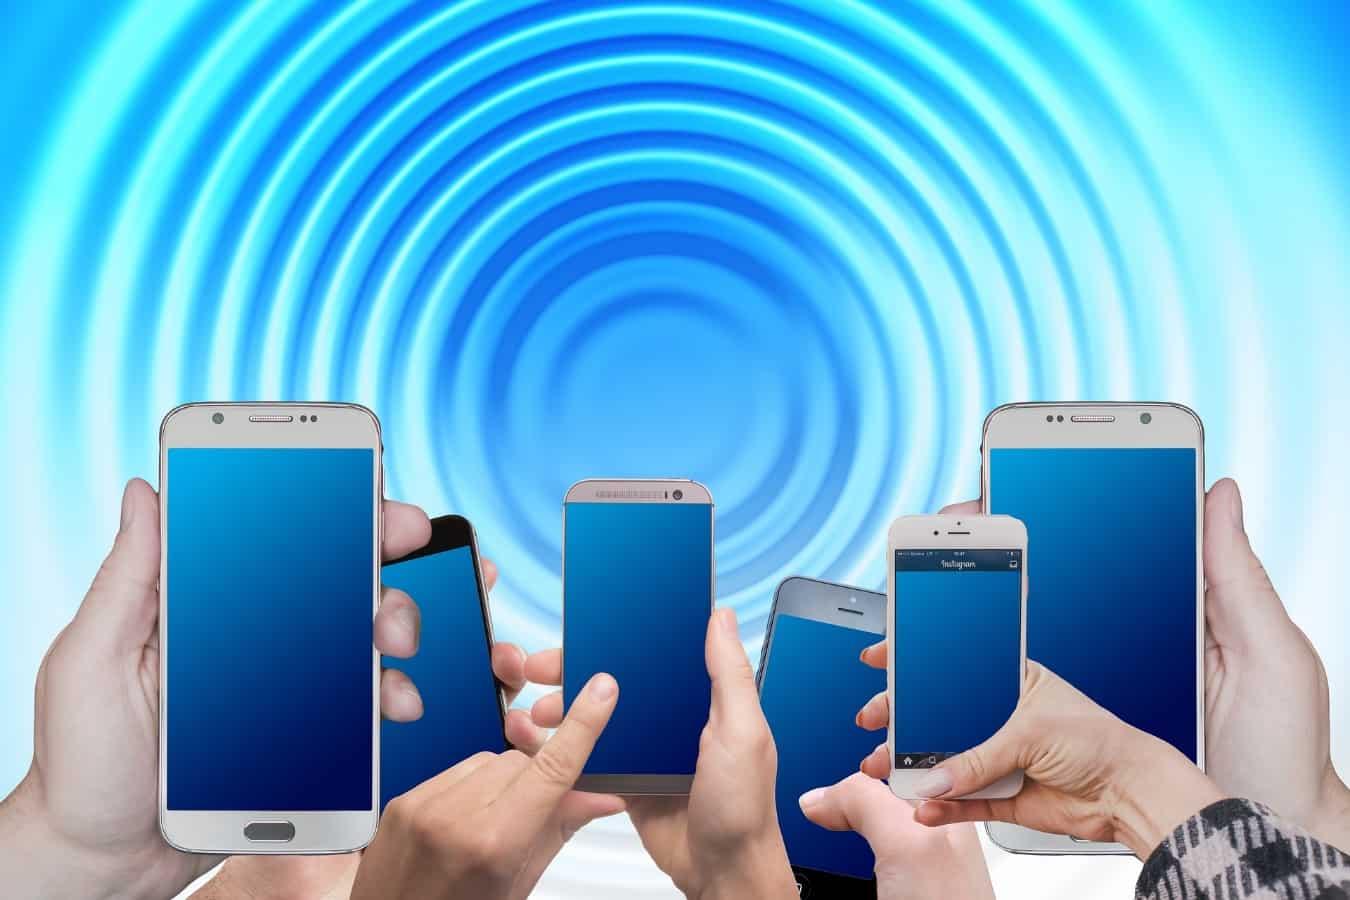 Imagen que contiene electrónica, ordenador, teléfono móvil, teléfono Descripción generada con confianza alta